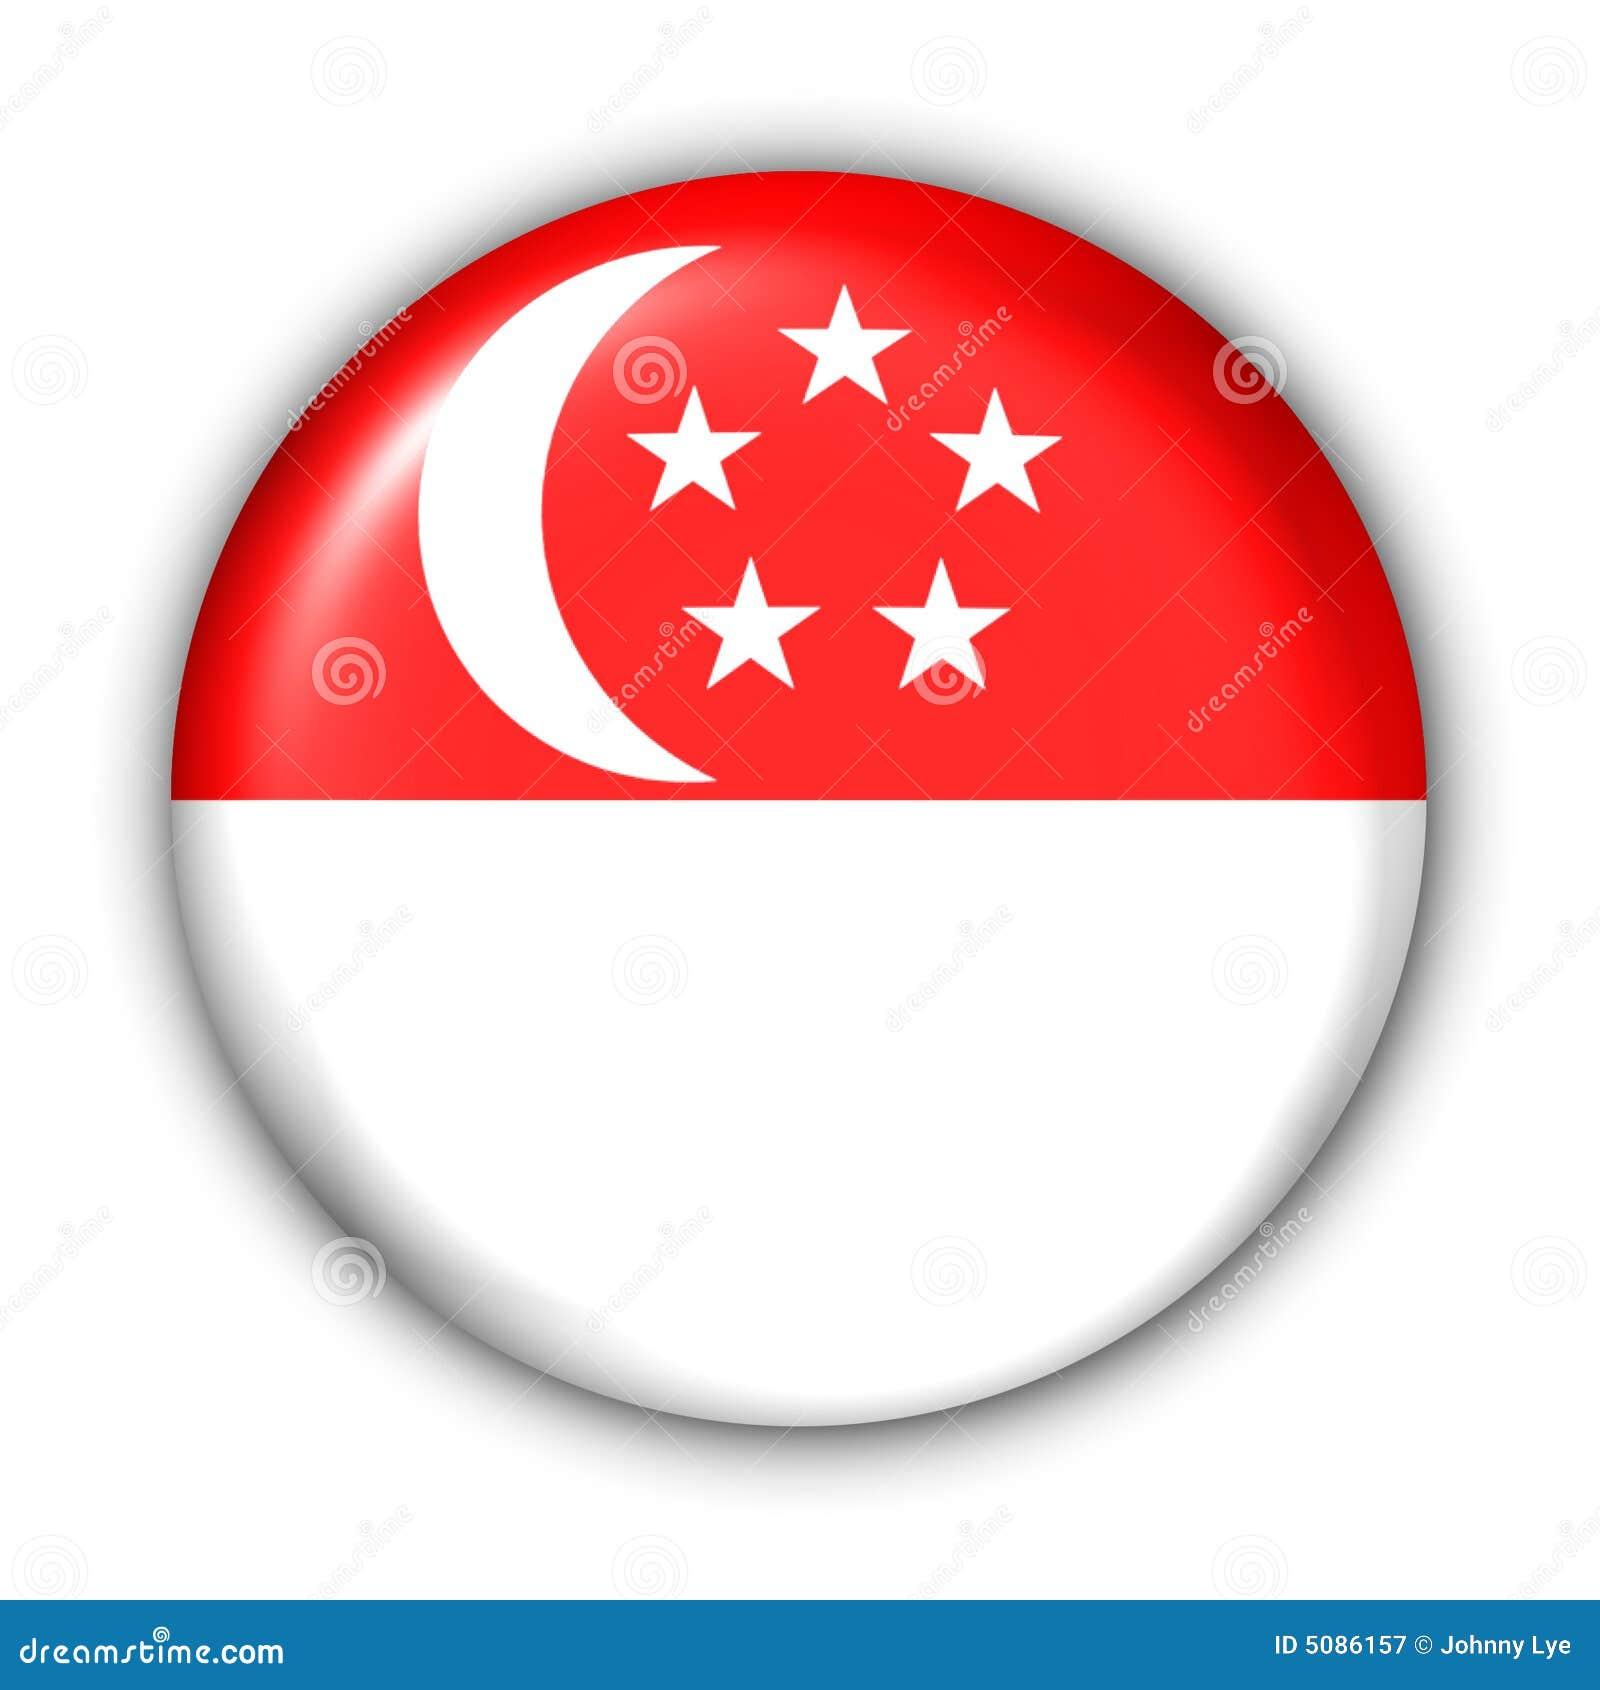 Singapore Flag Royalty Free Stock Photography Image 5086157